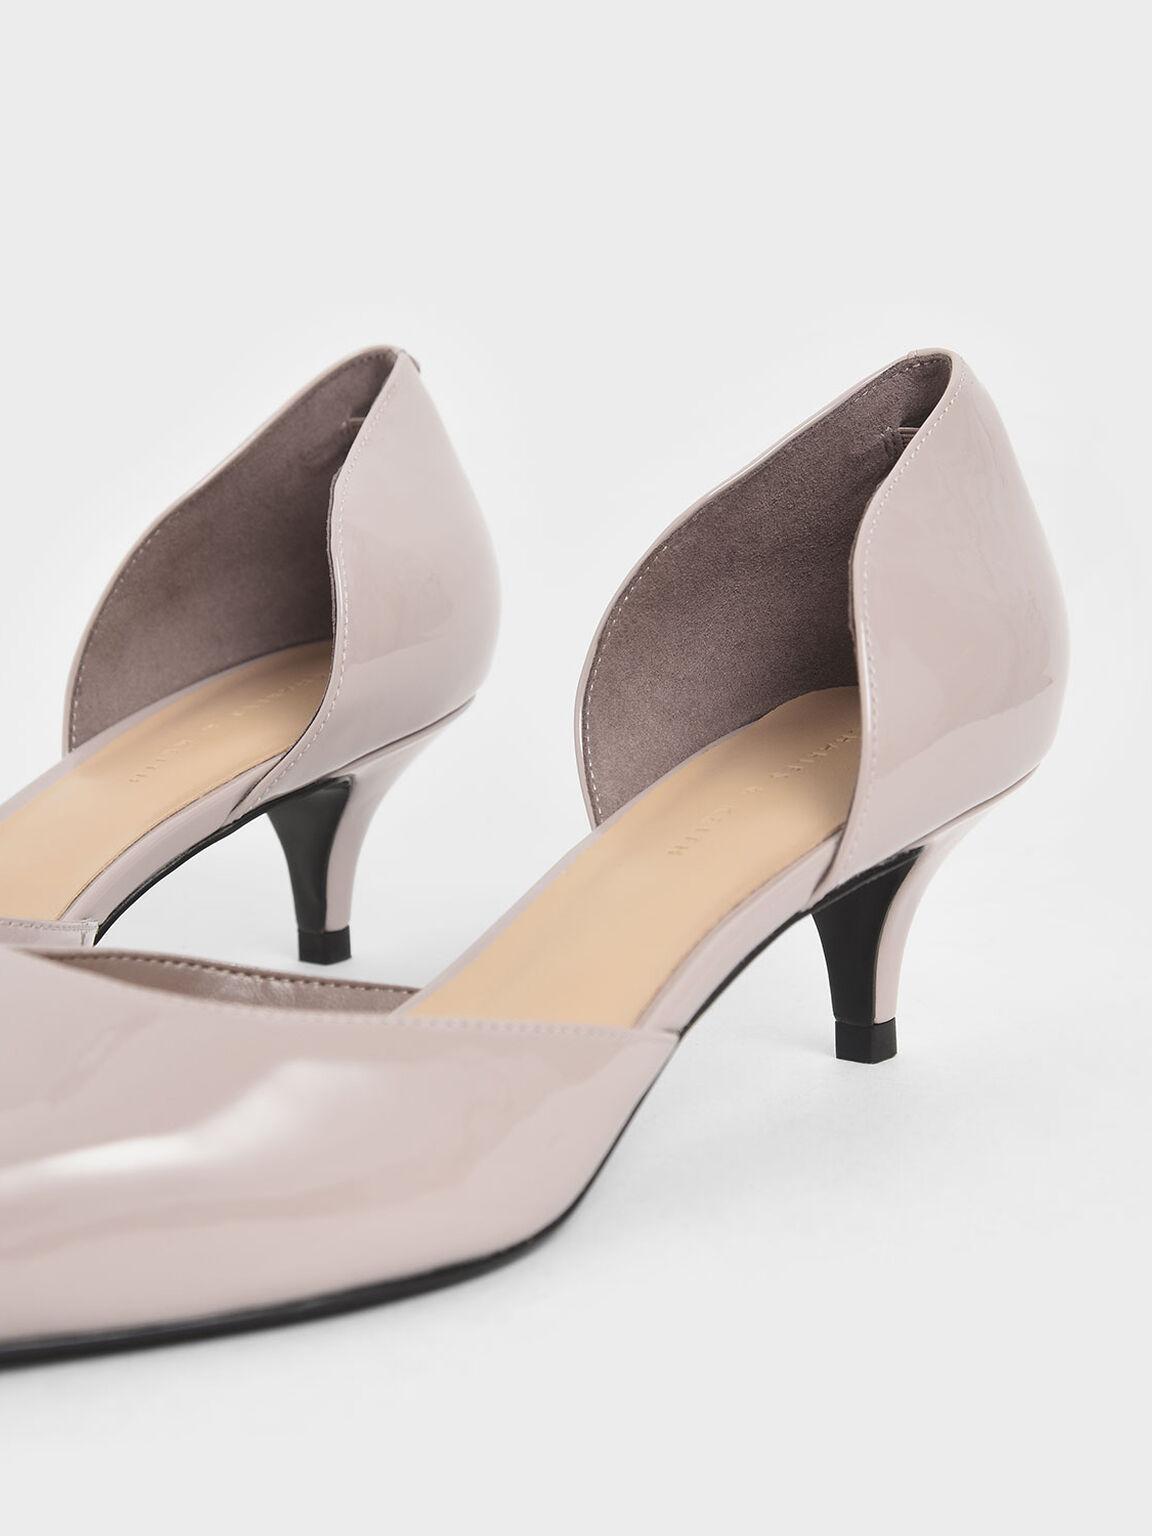 Patent D'Orsay Kitten Heel Pumps, Nude, hi-res